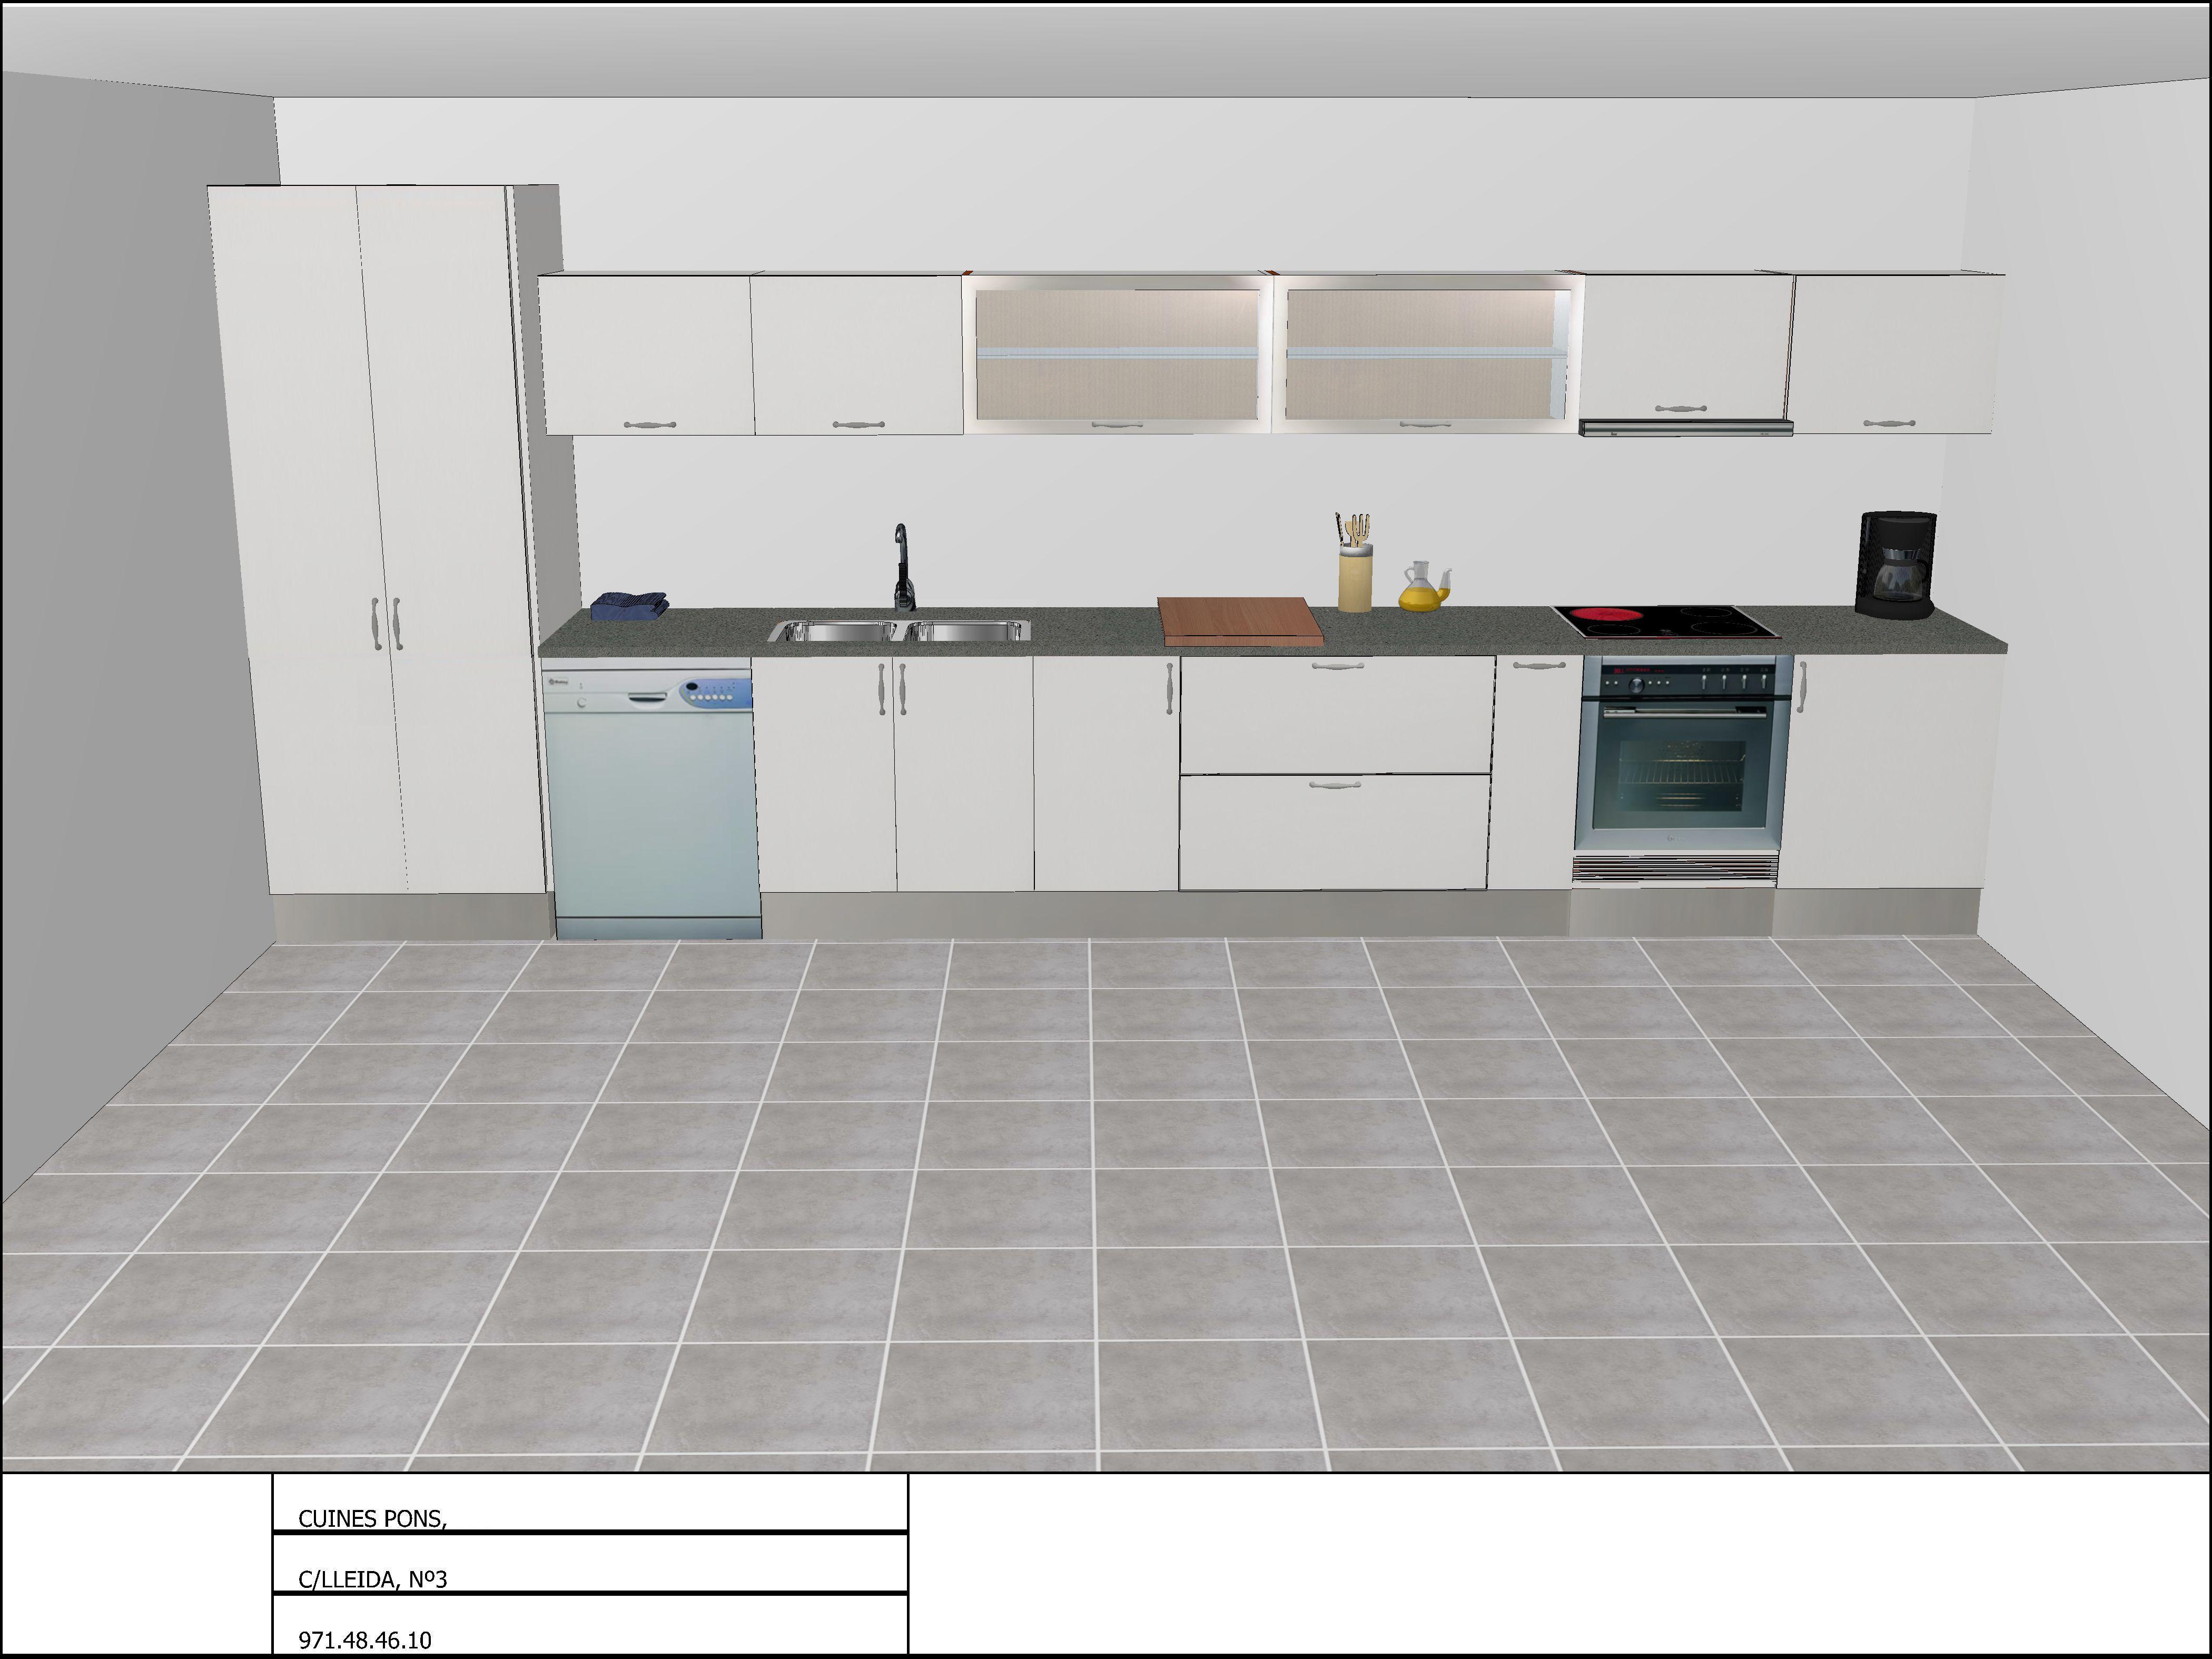 Programas dise o cocinas 3d gratis espa ol casa dise o - Diseno de casas 3d ...